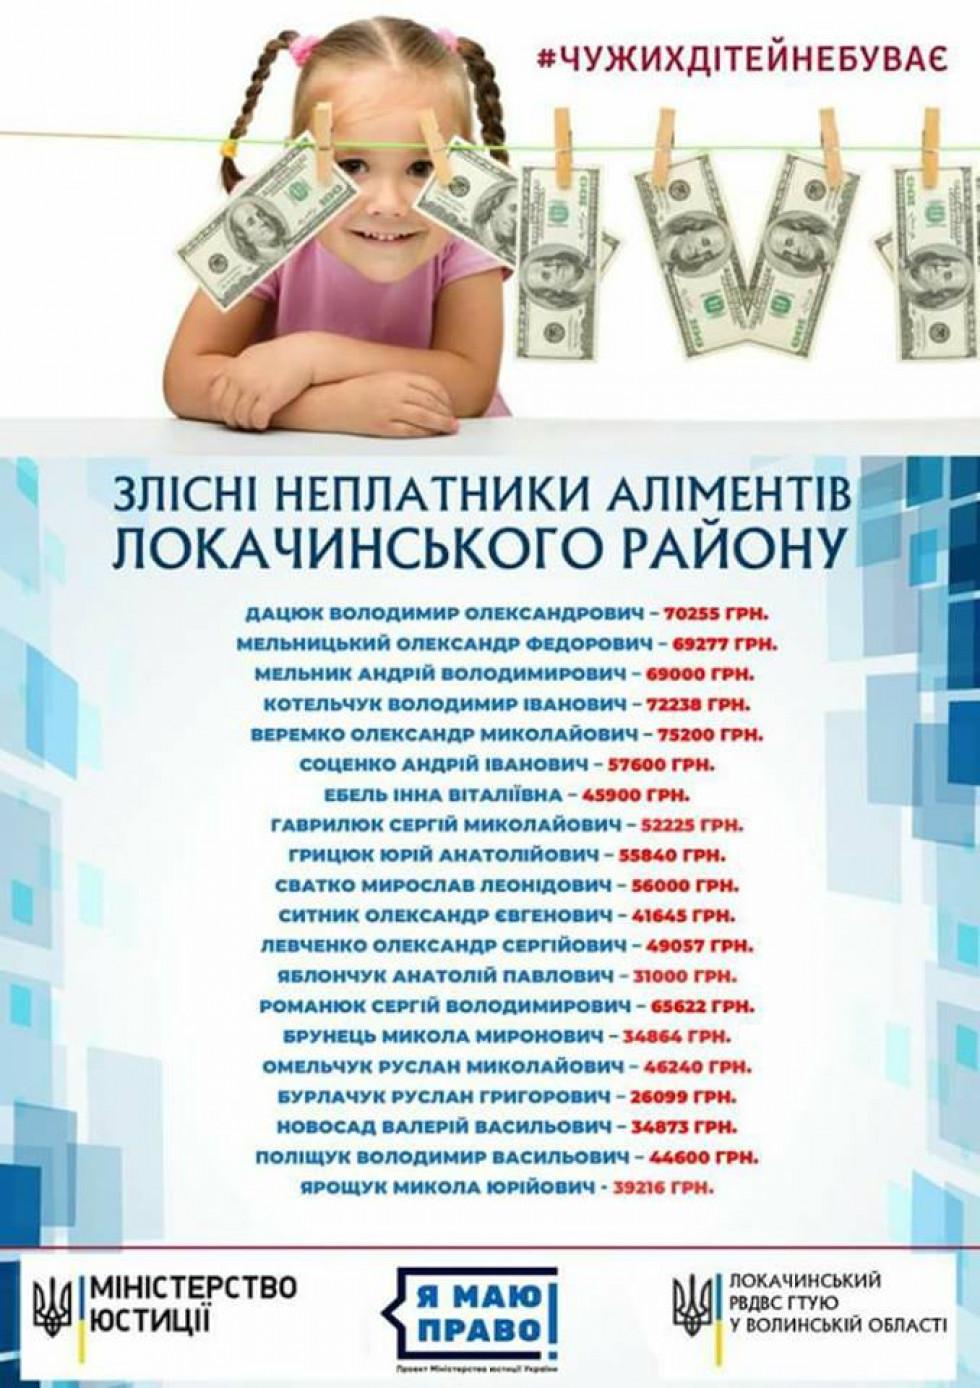 Список неплатників аліментів Локачинського району